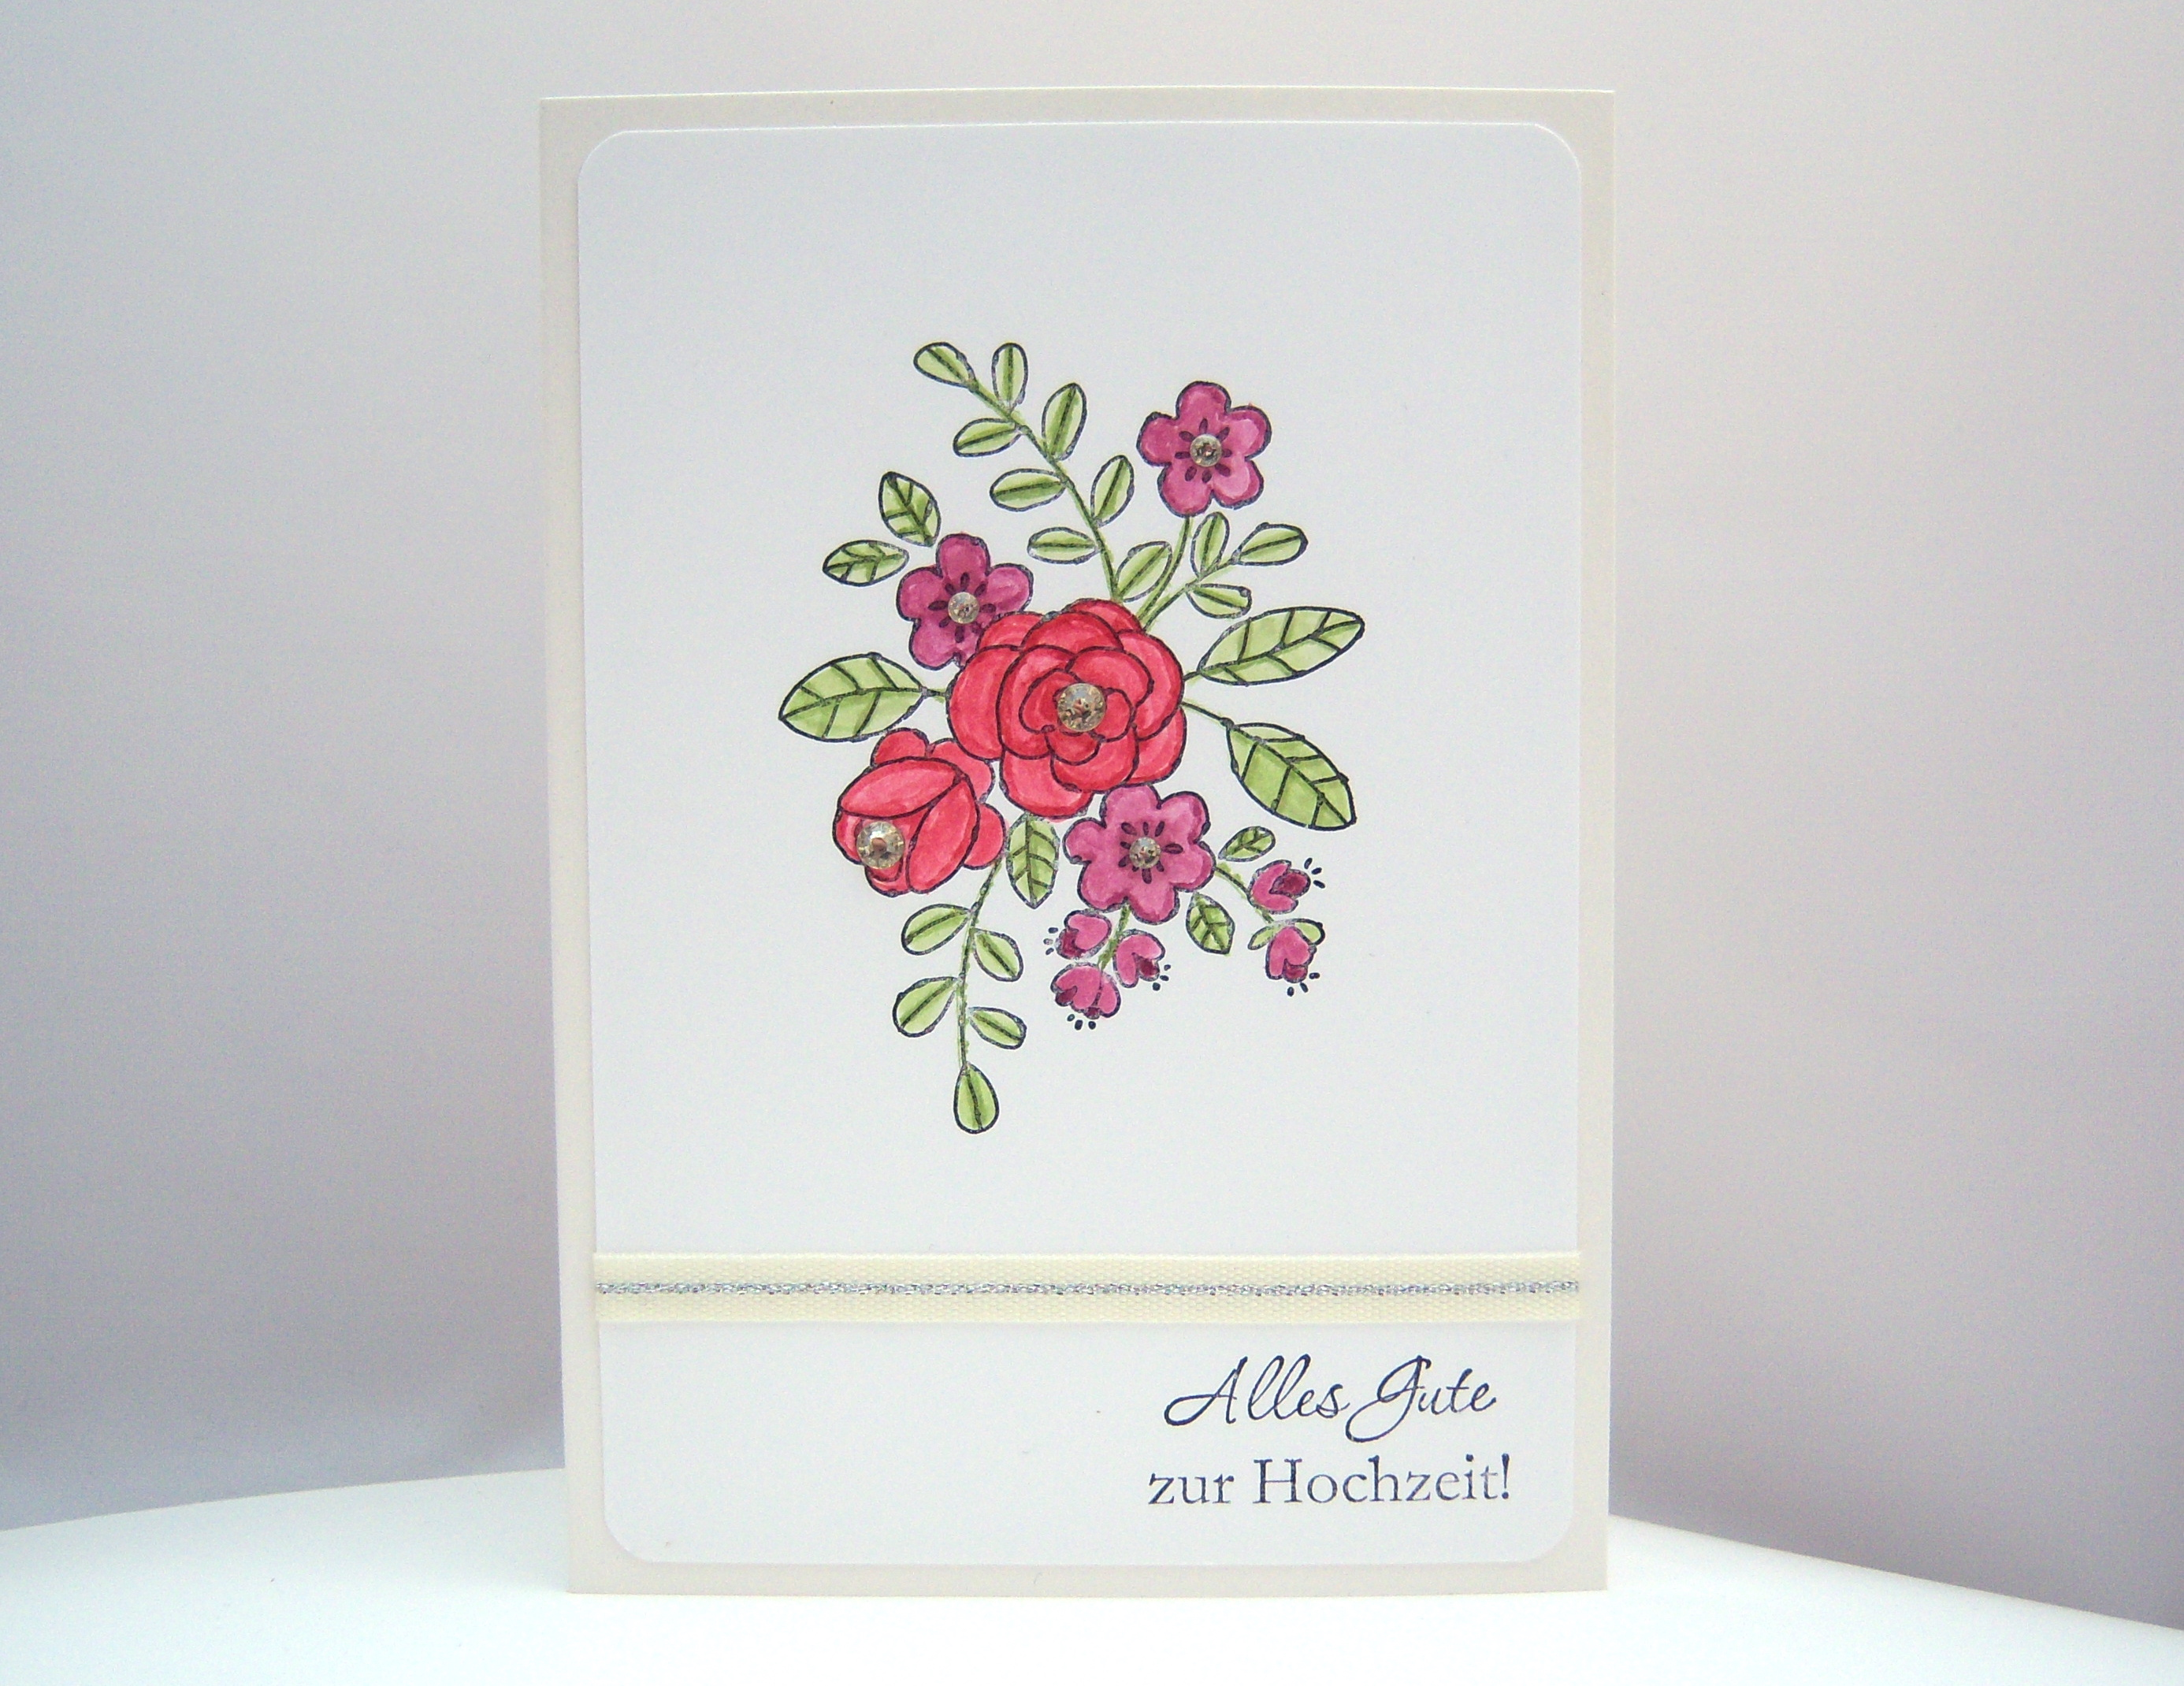 Hochzeit - Karte zur Hochzeit Blumenranken 1